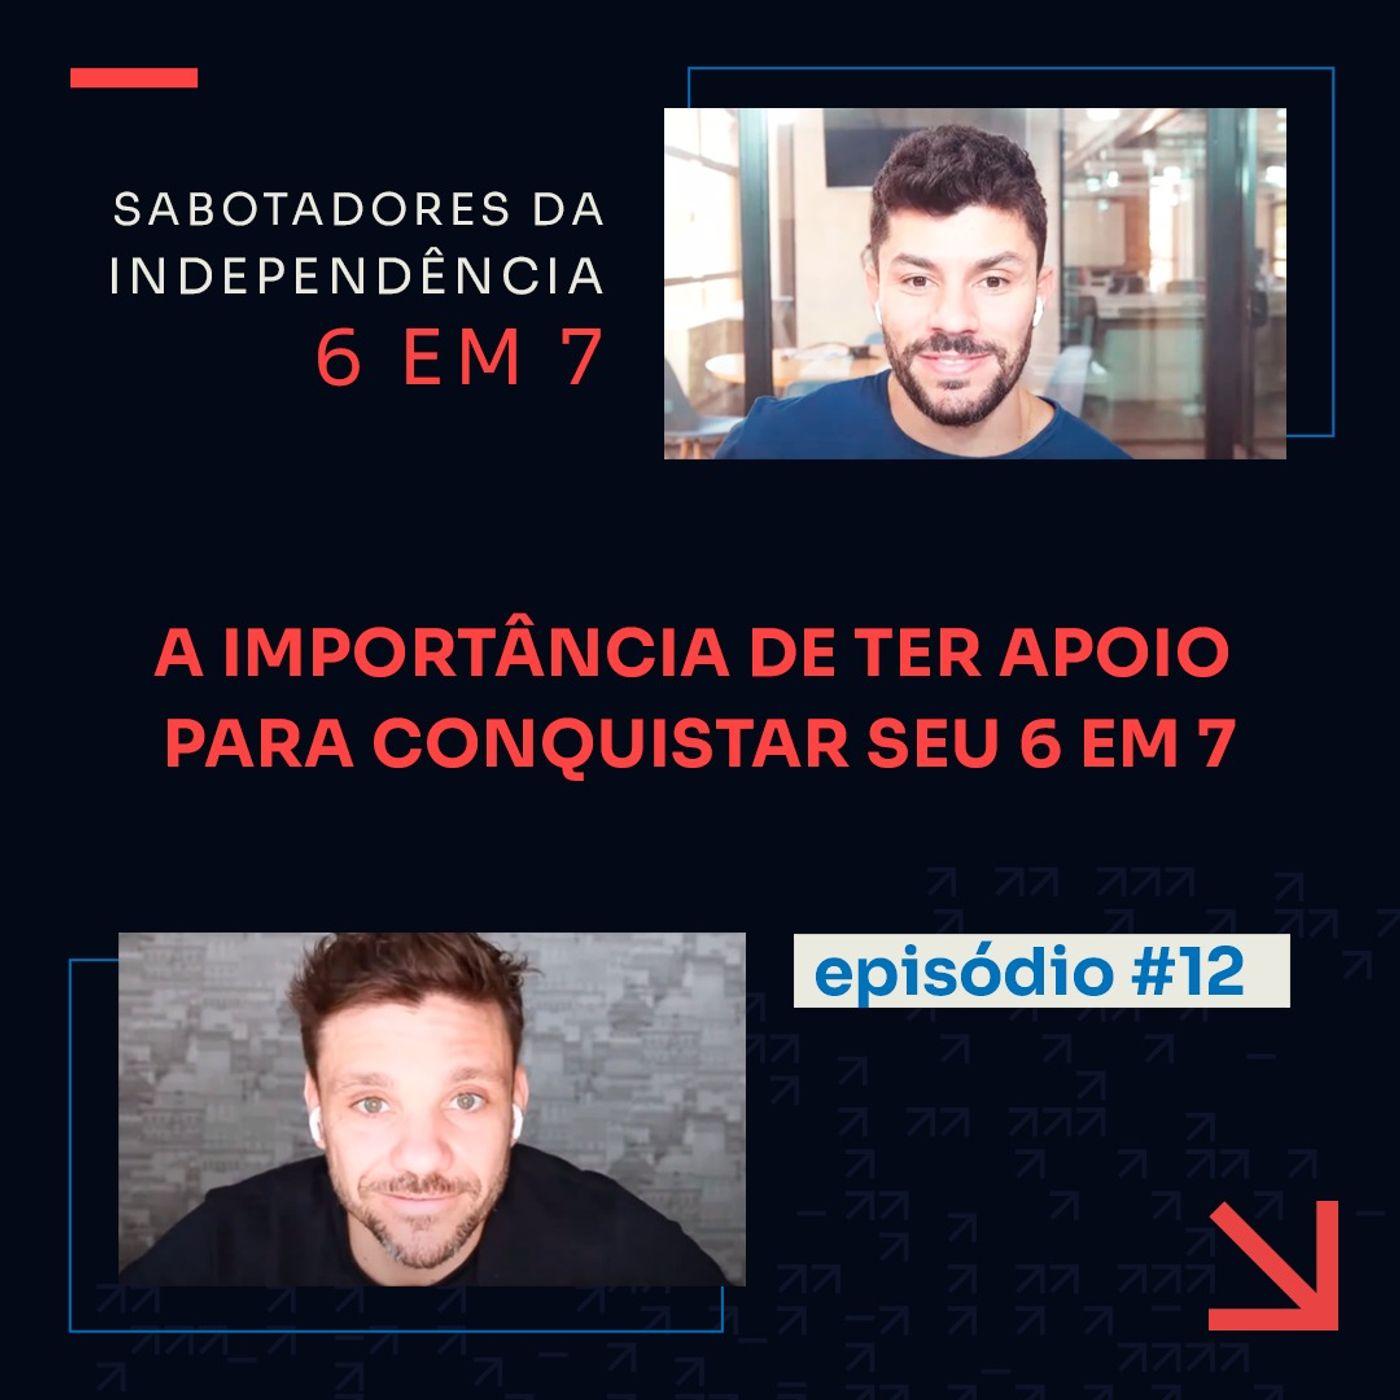 Que tipo de apoio preciso para conquistar a minha independência? | Sabotadores da independência 6 em 7 #12